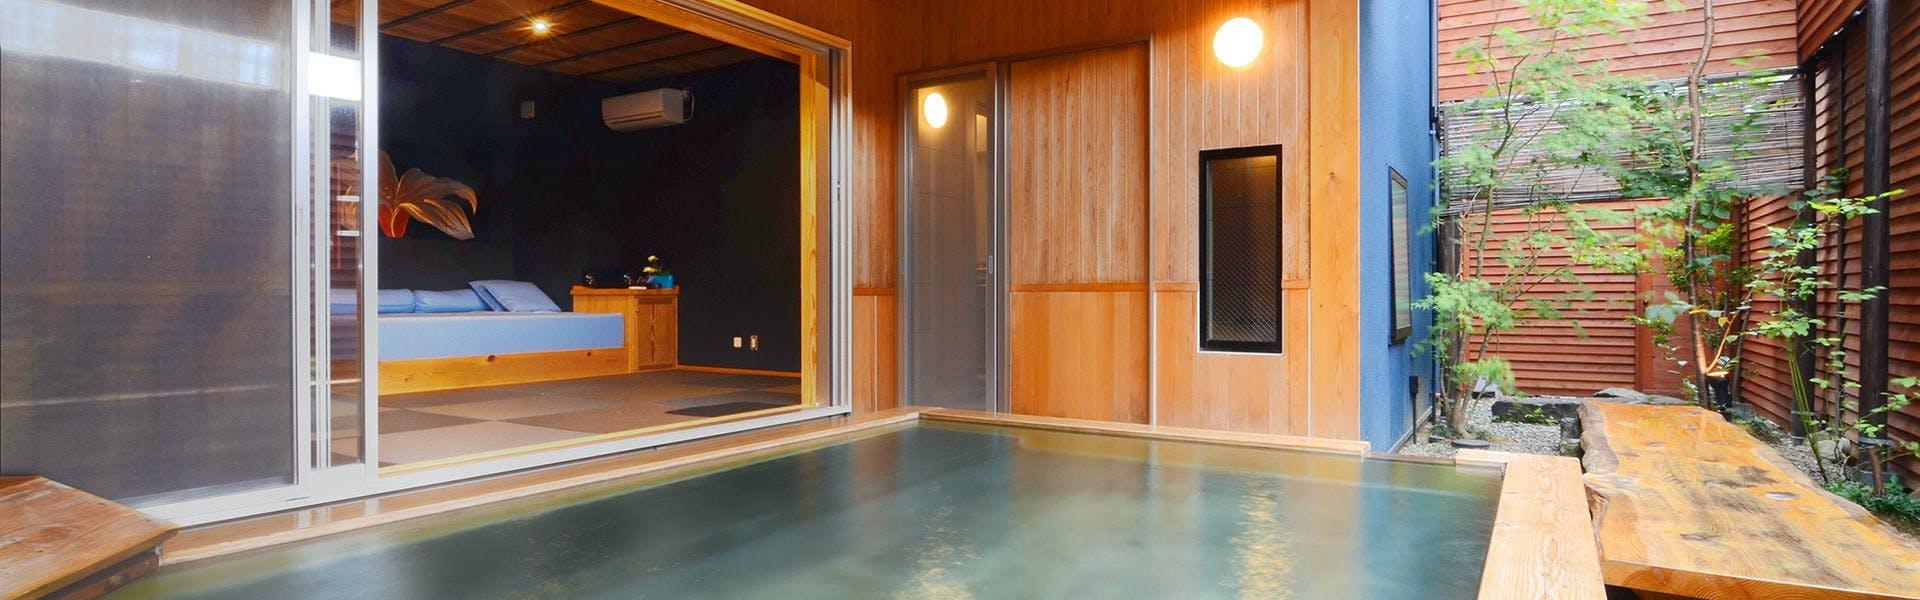 記念日におすすめのホテル・別府温泉 匠晴の宿 心庵の写真2